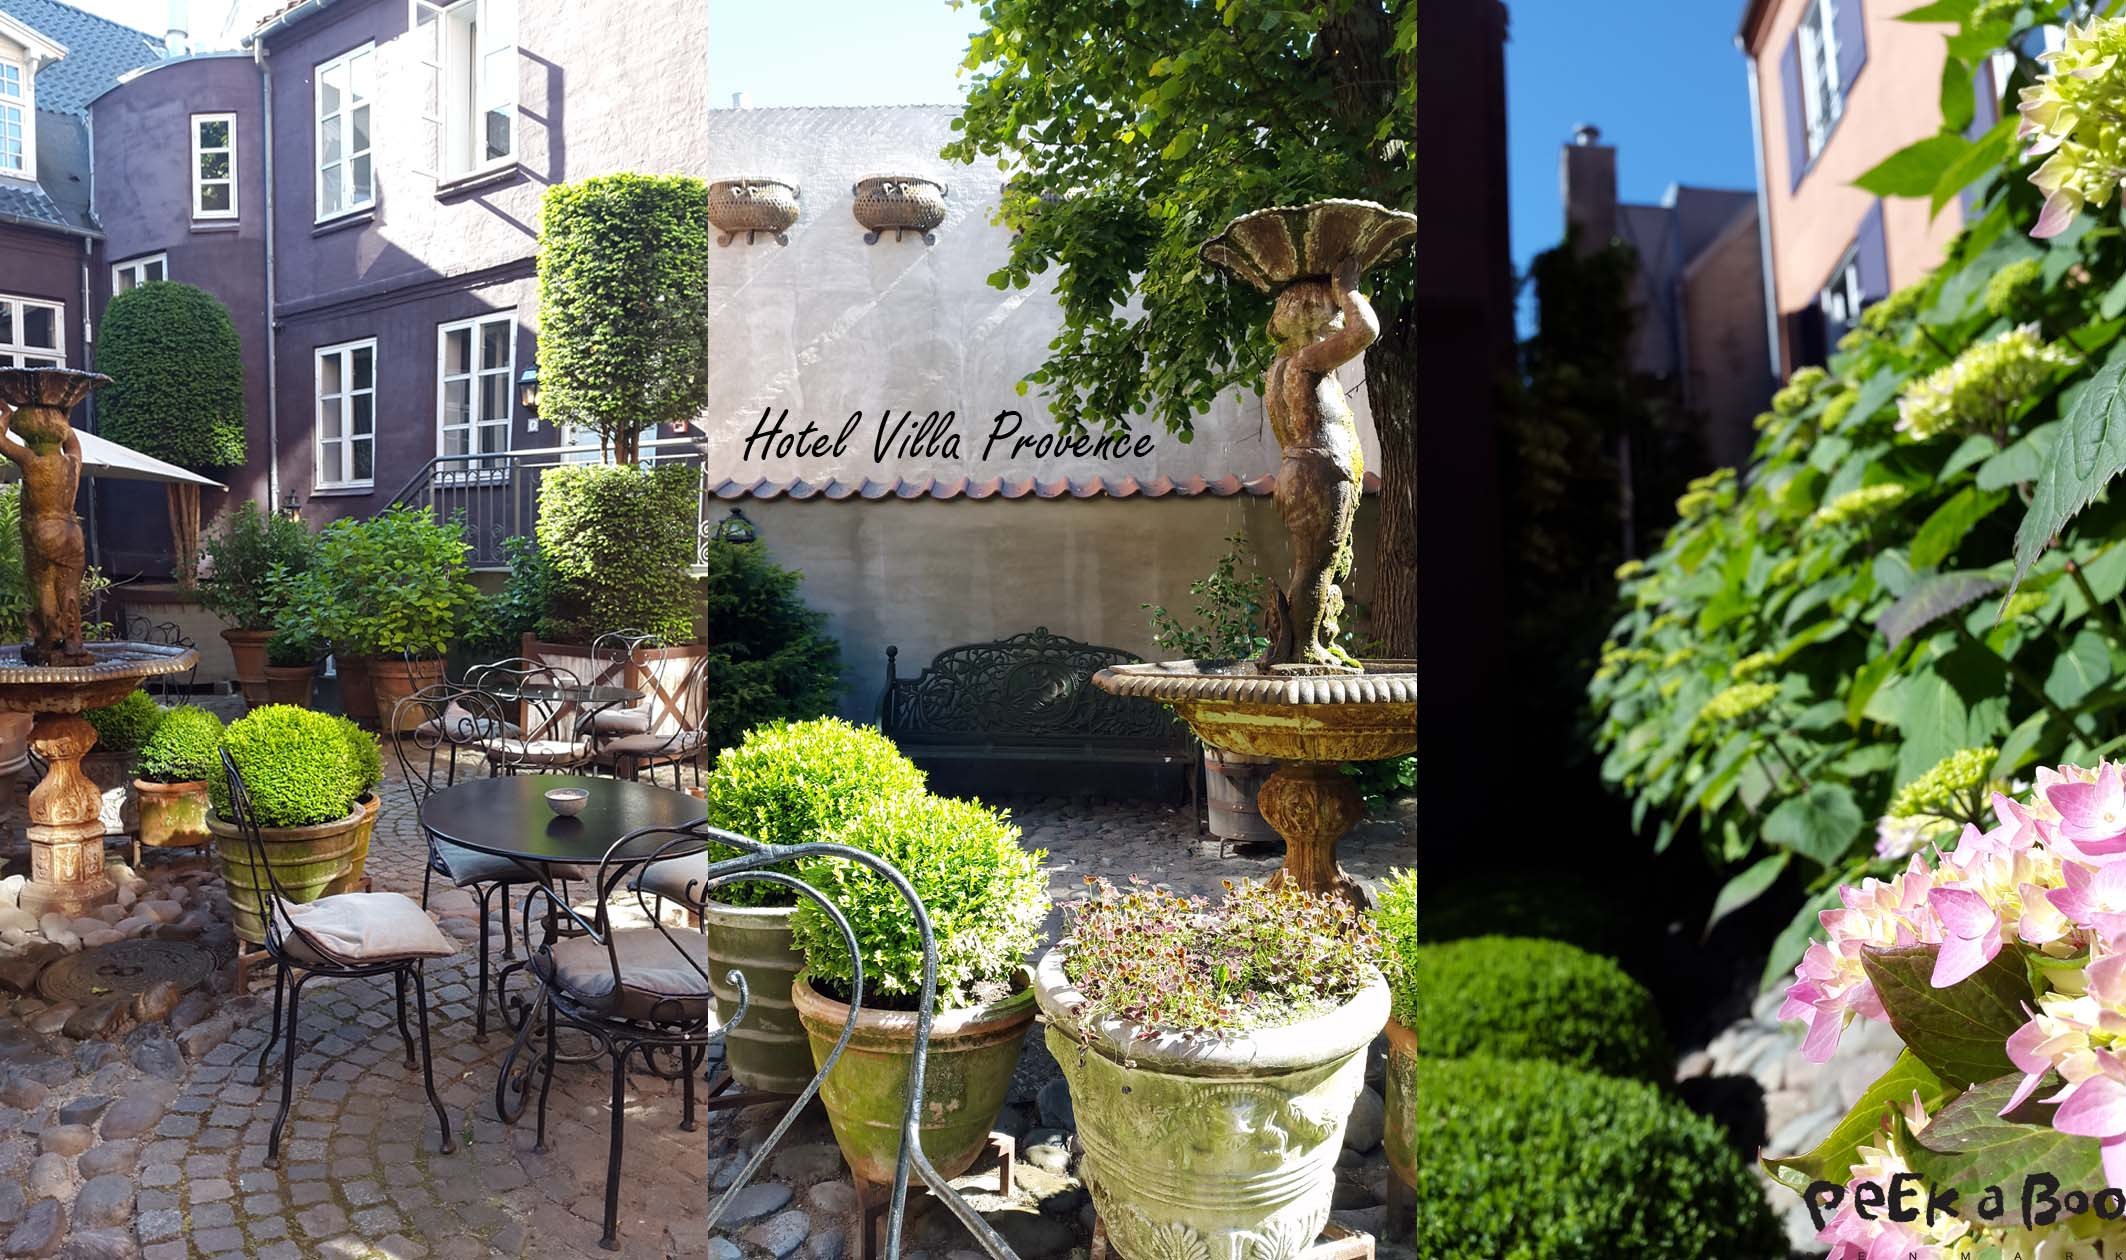 Hotel Villa Provence gårdhaven